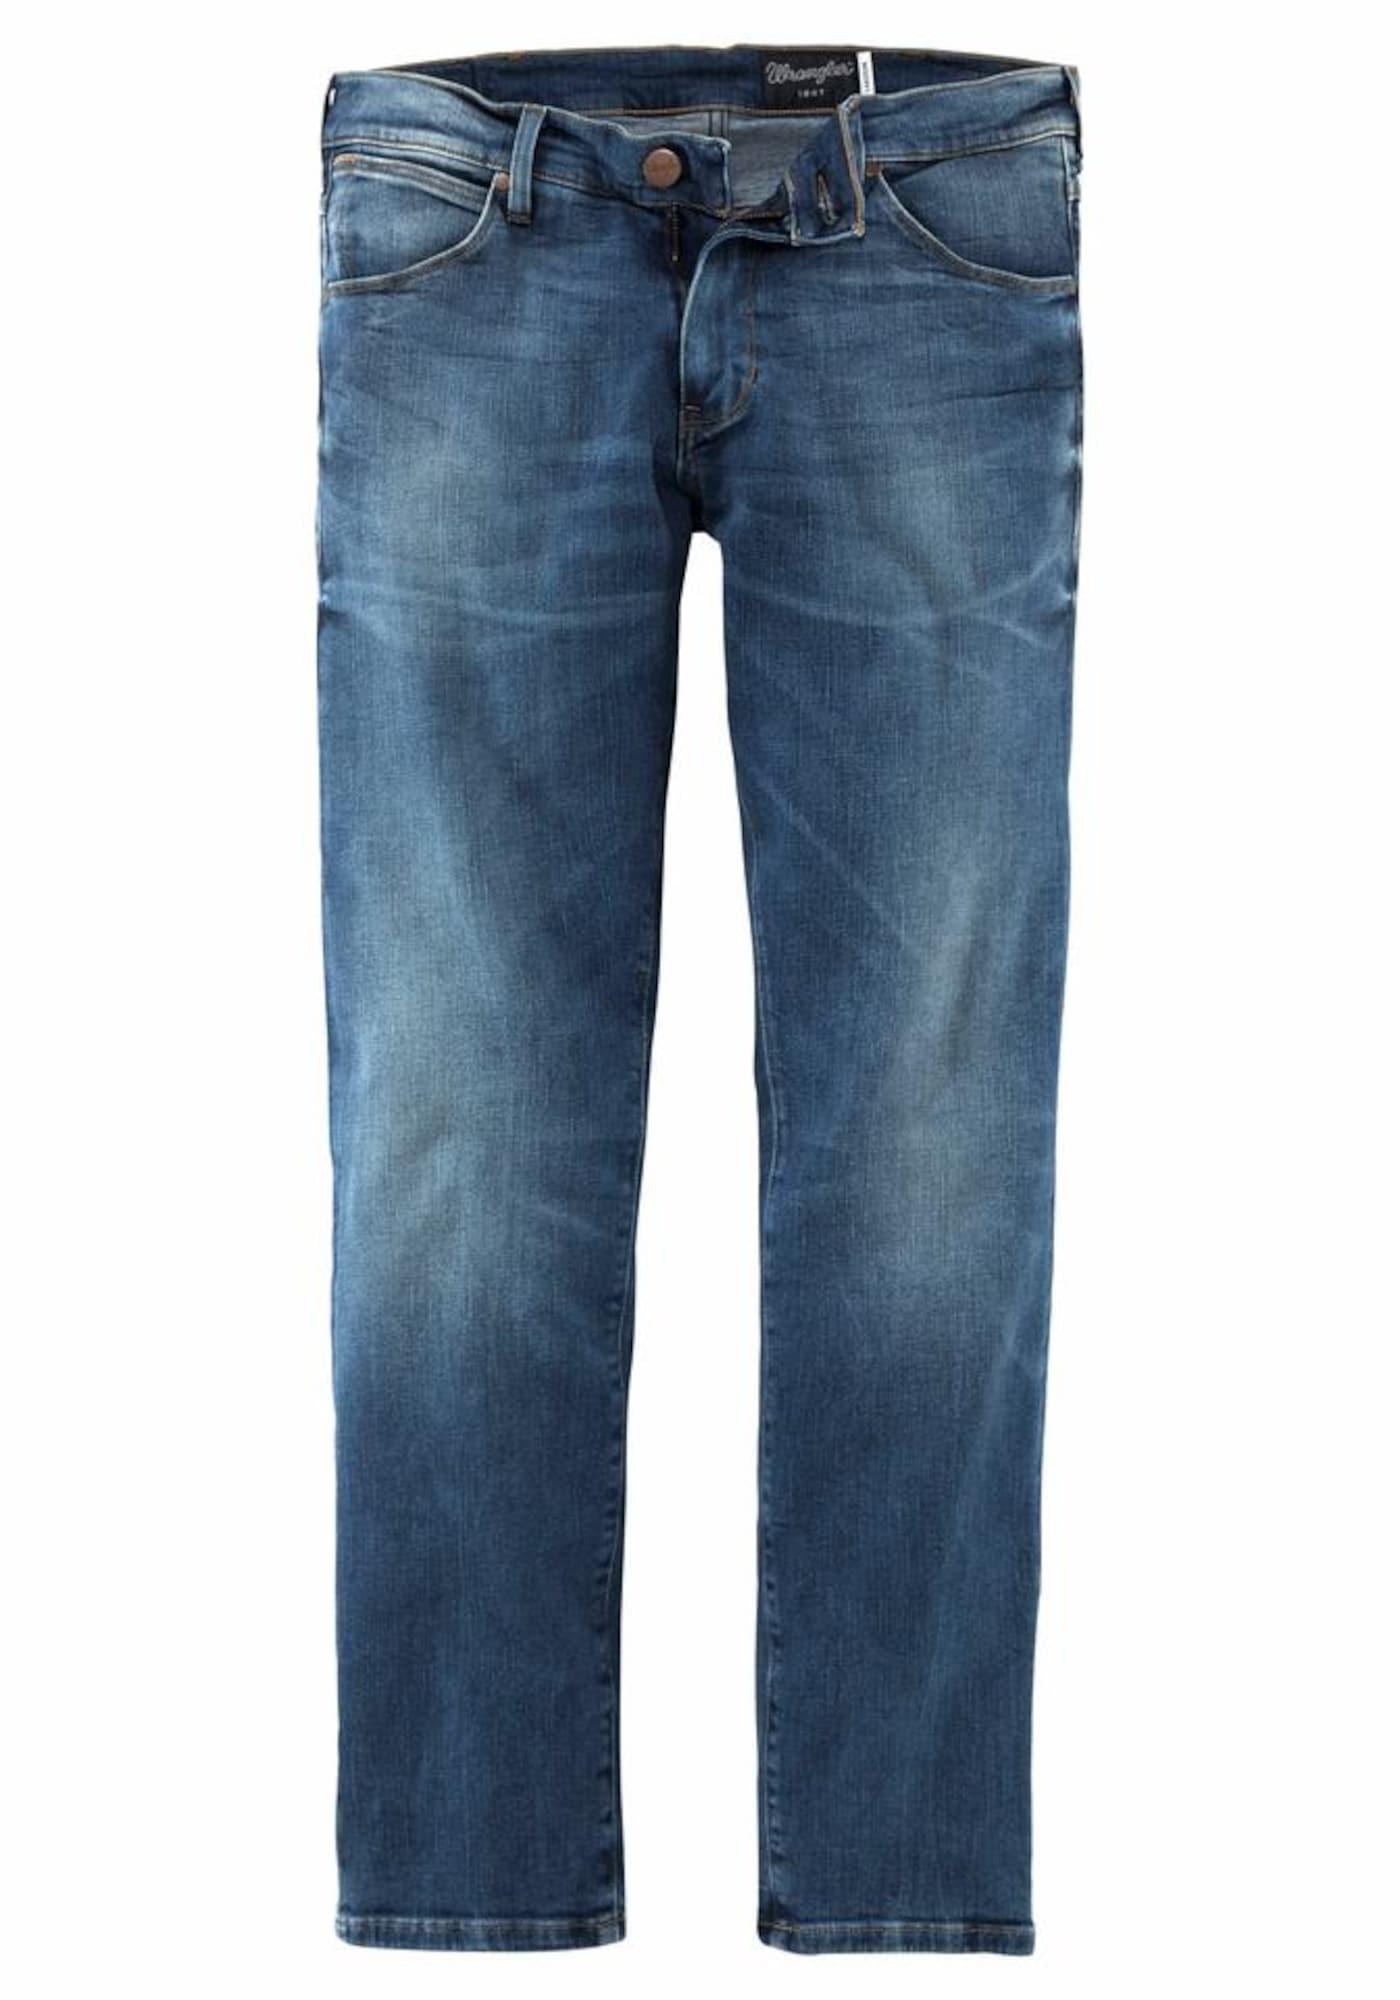 WRANGLER Heren Jeans Larston blauw